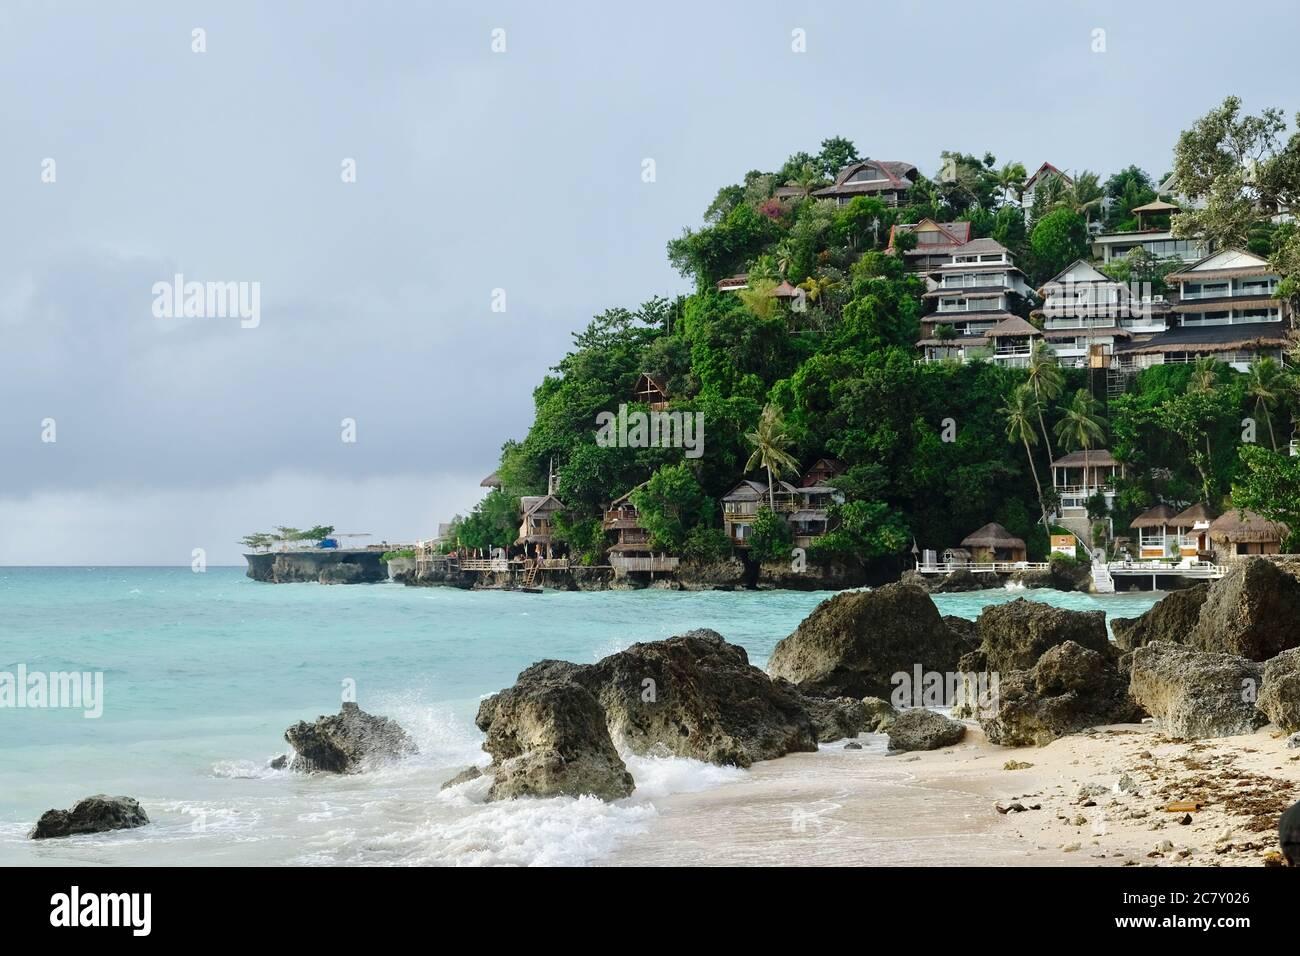 cabañas del hotel en la montaña verde del bosque cerca del mar verde. Las rocas grises, la playa de arena y las olas salpican. Un paraíso muy relajante Foto de stock